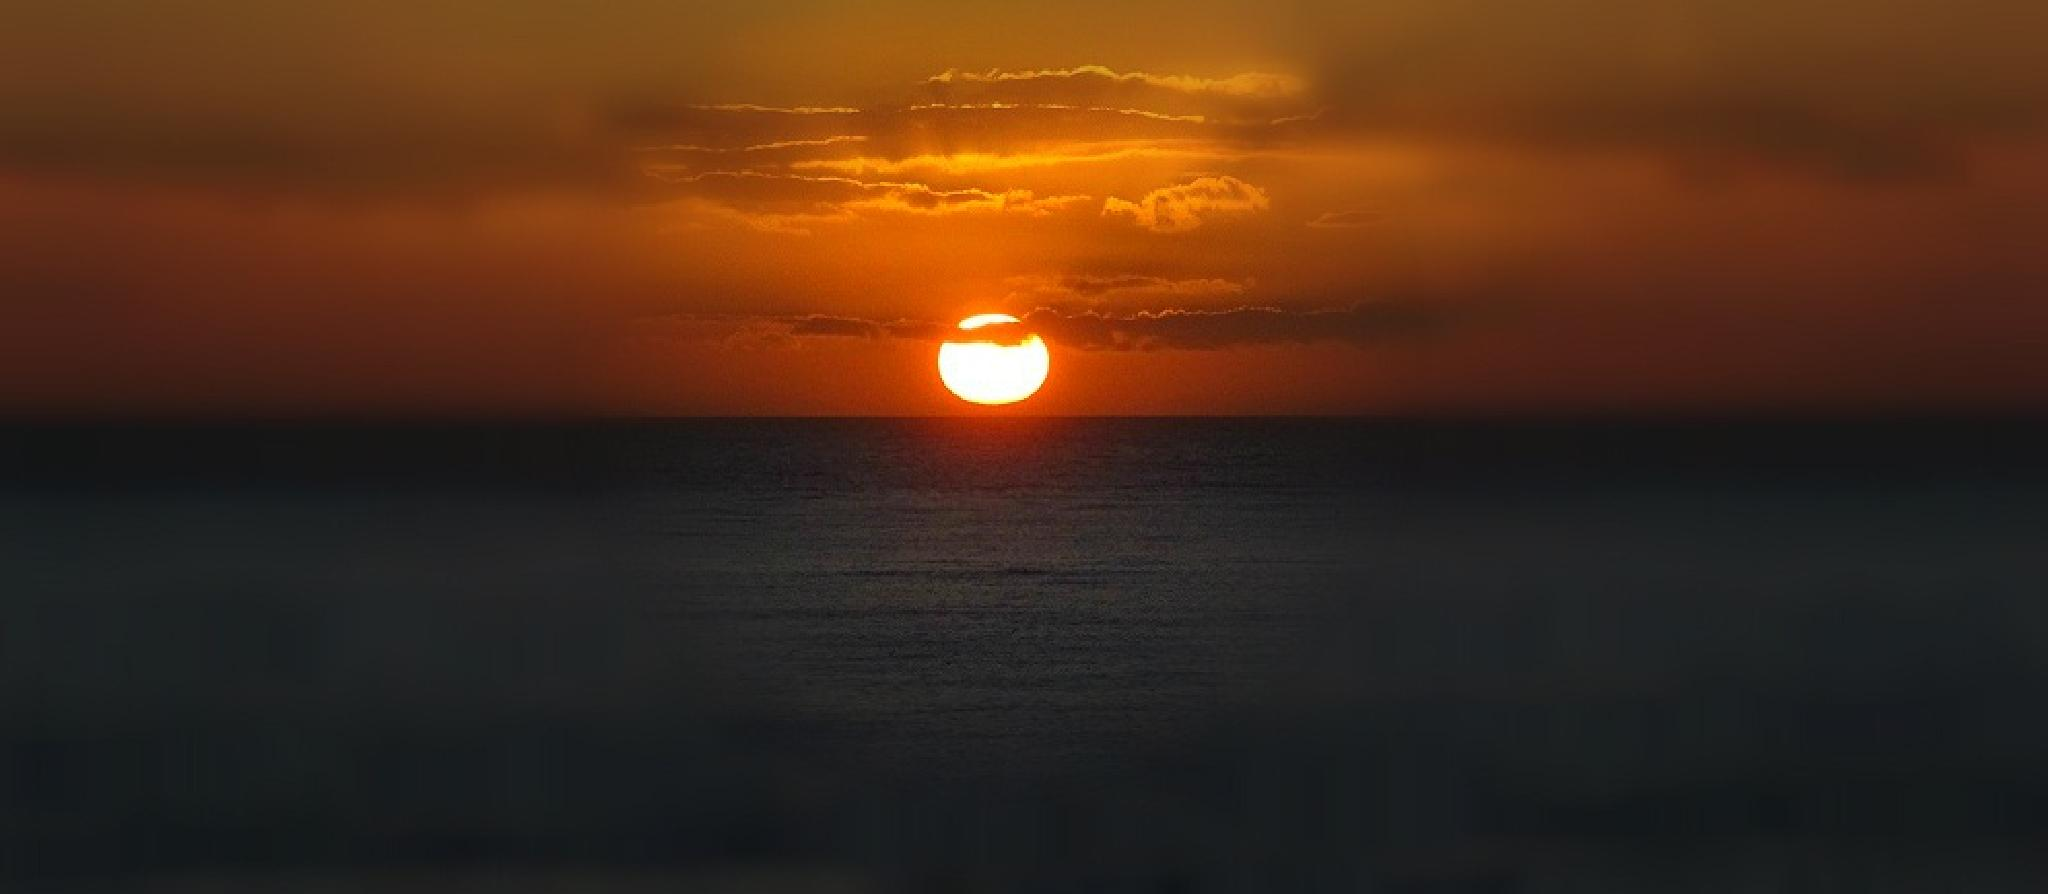 Hazy Sunset by Tweaky Blinders